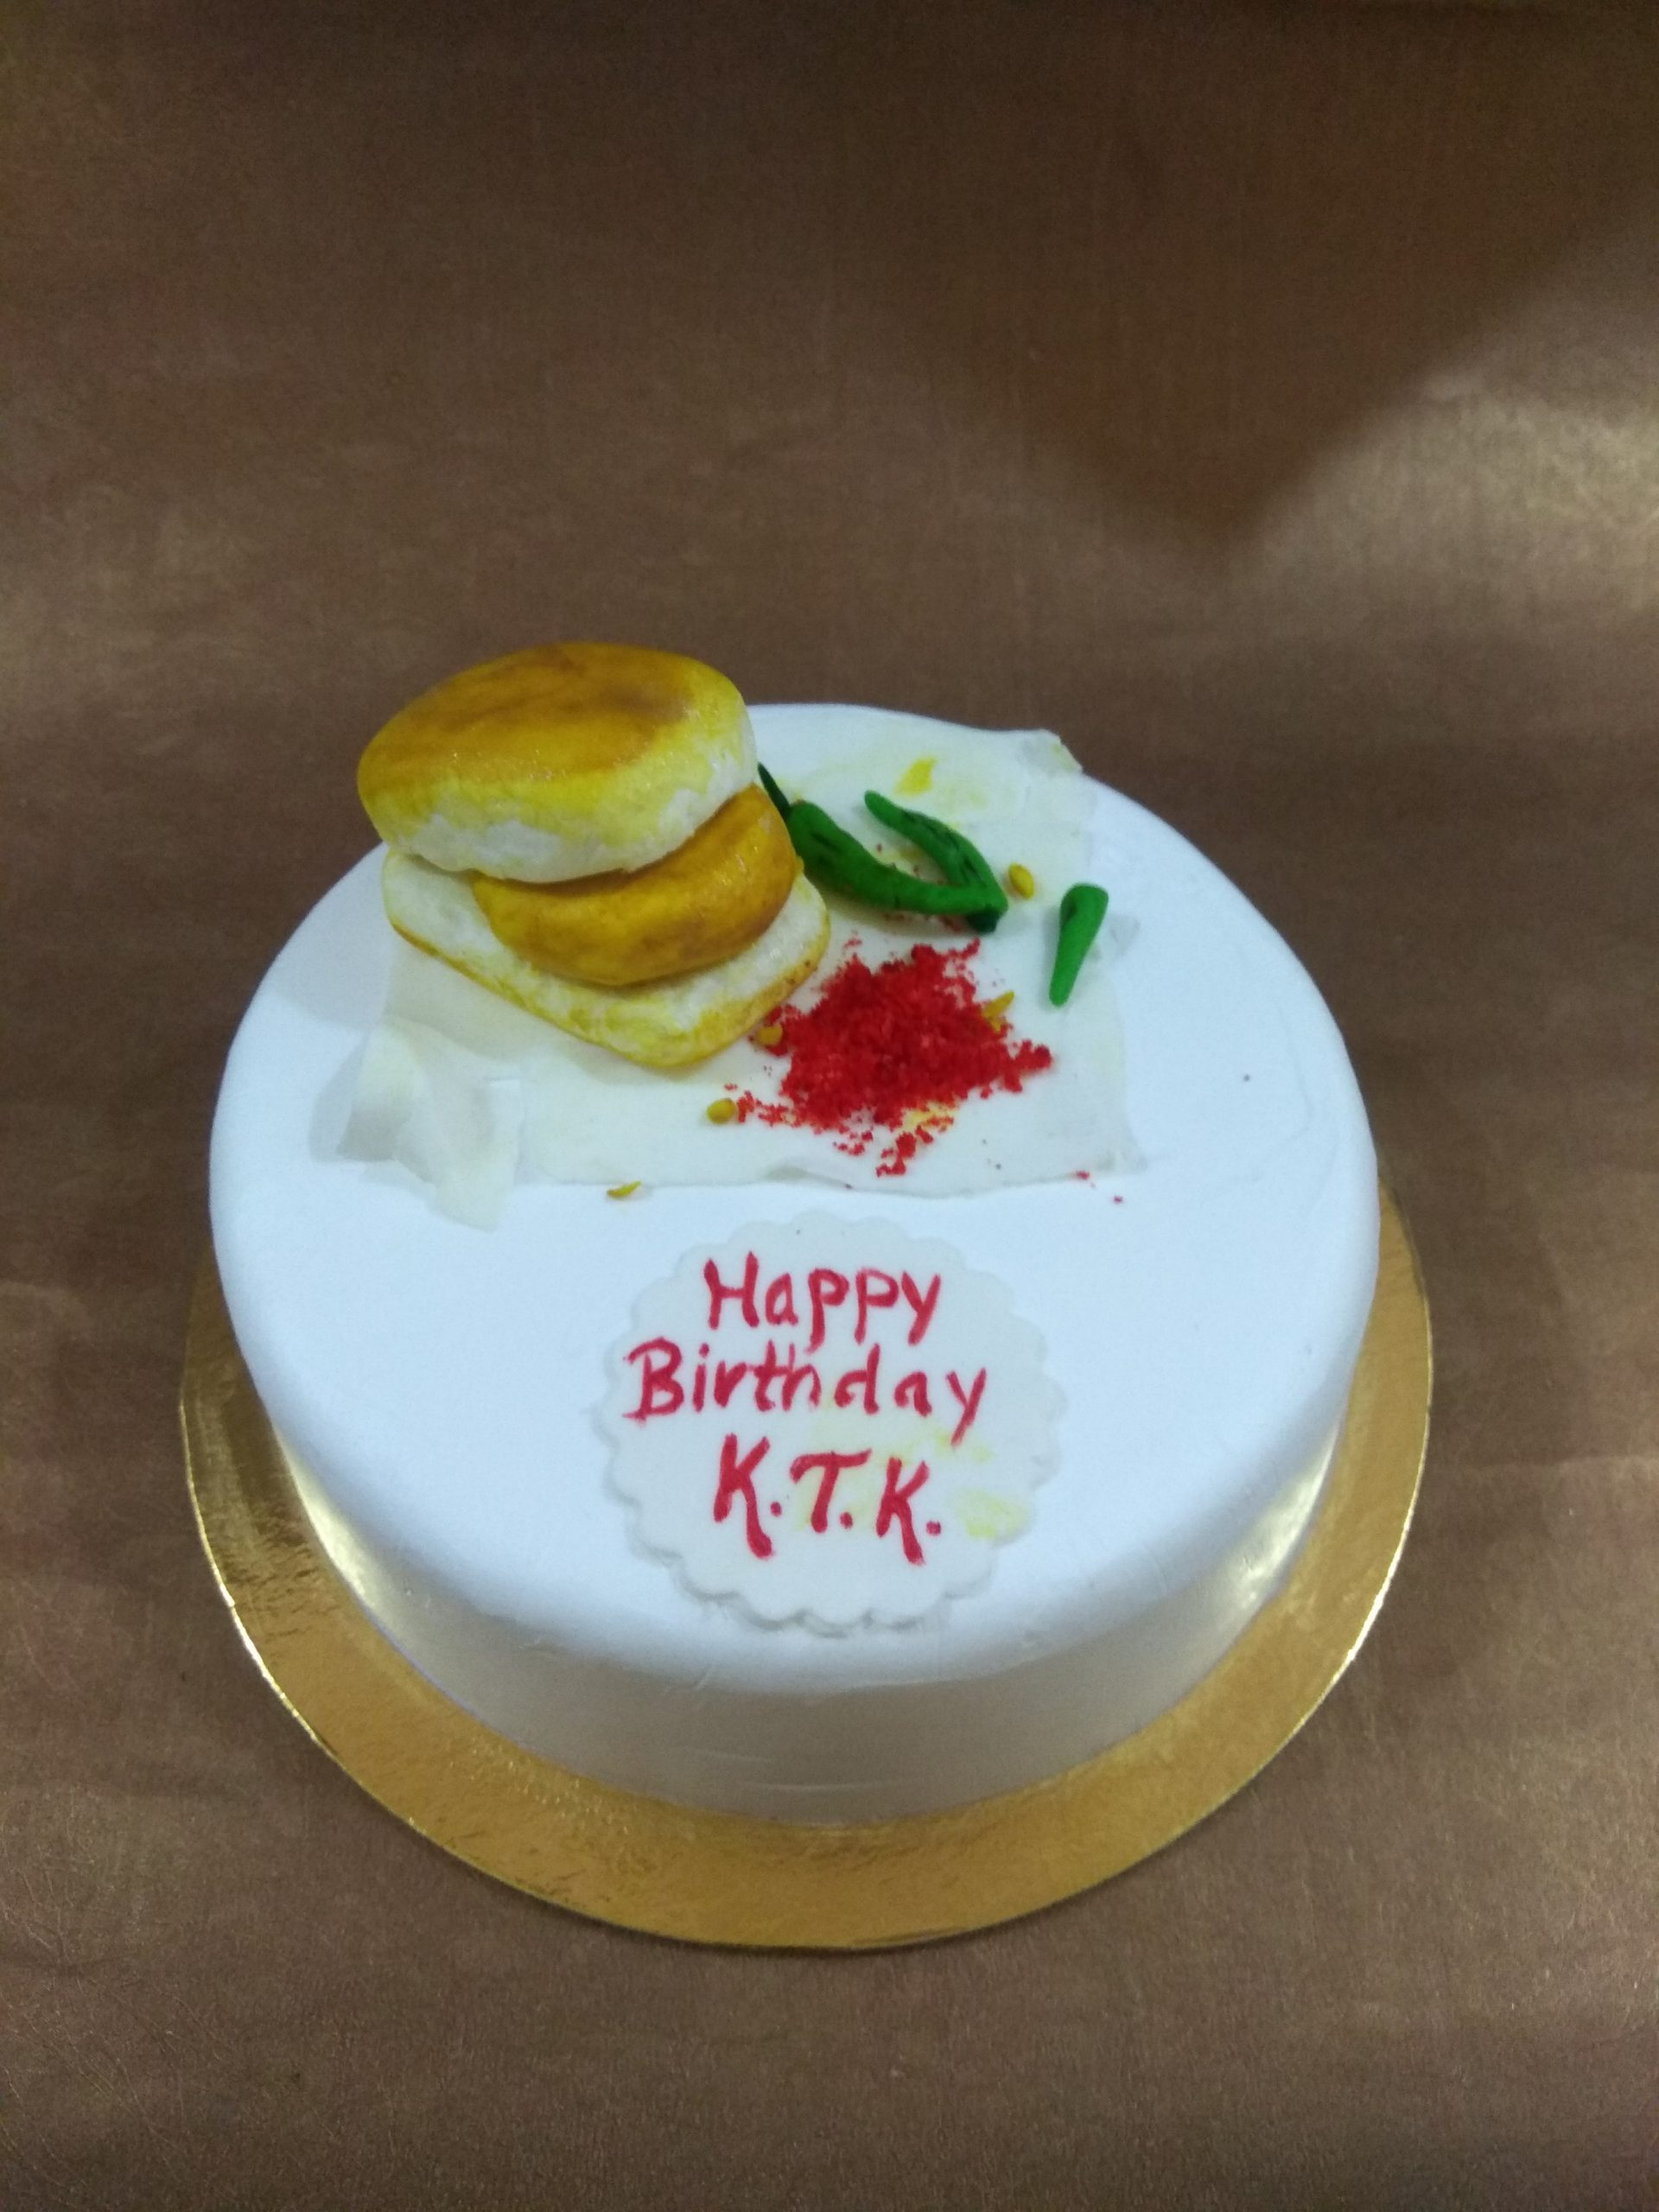 Vada Pav Theme Cake Designs, Images, Price Near Me